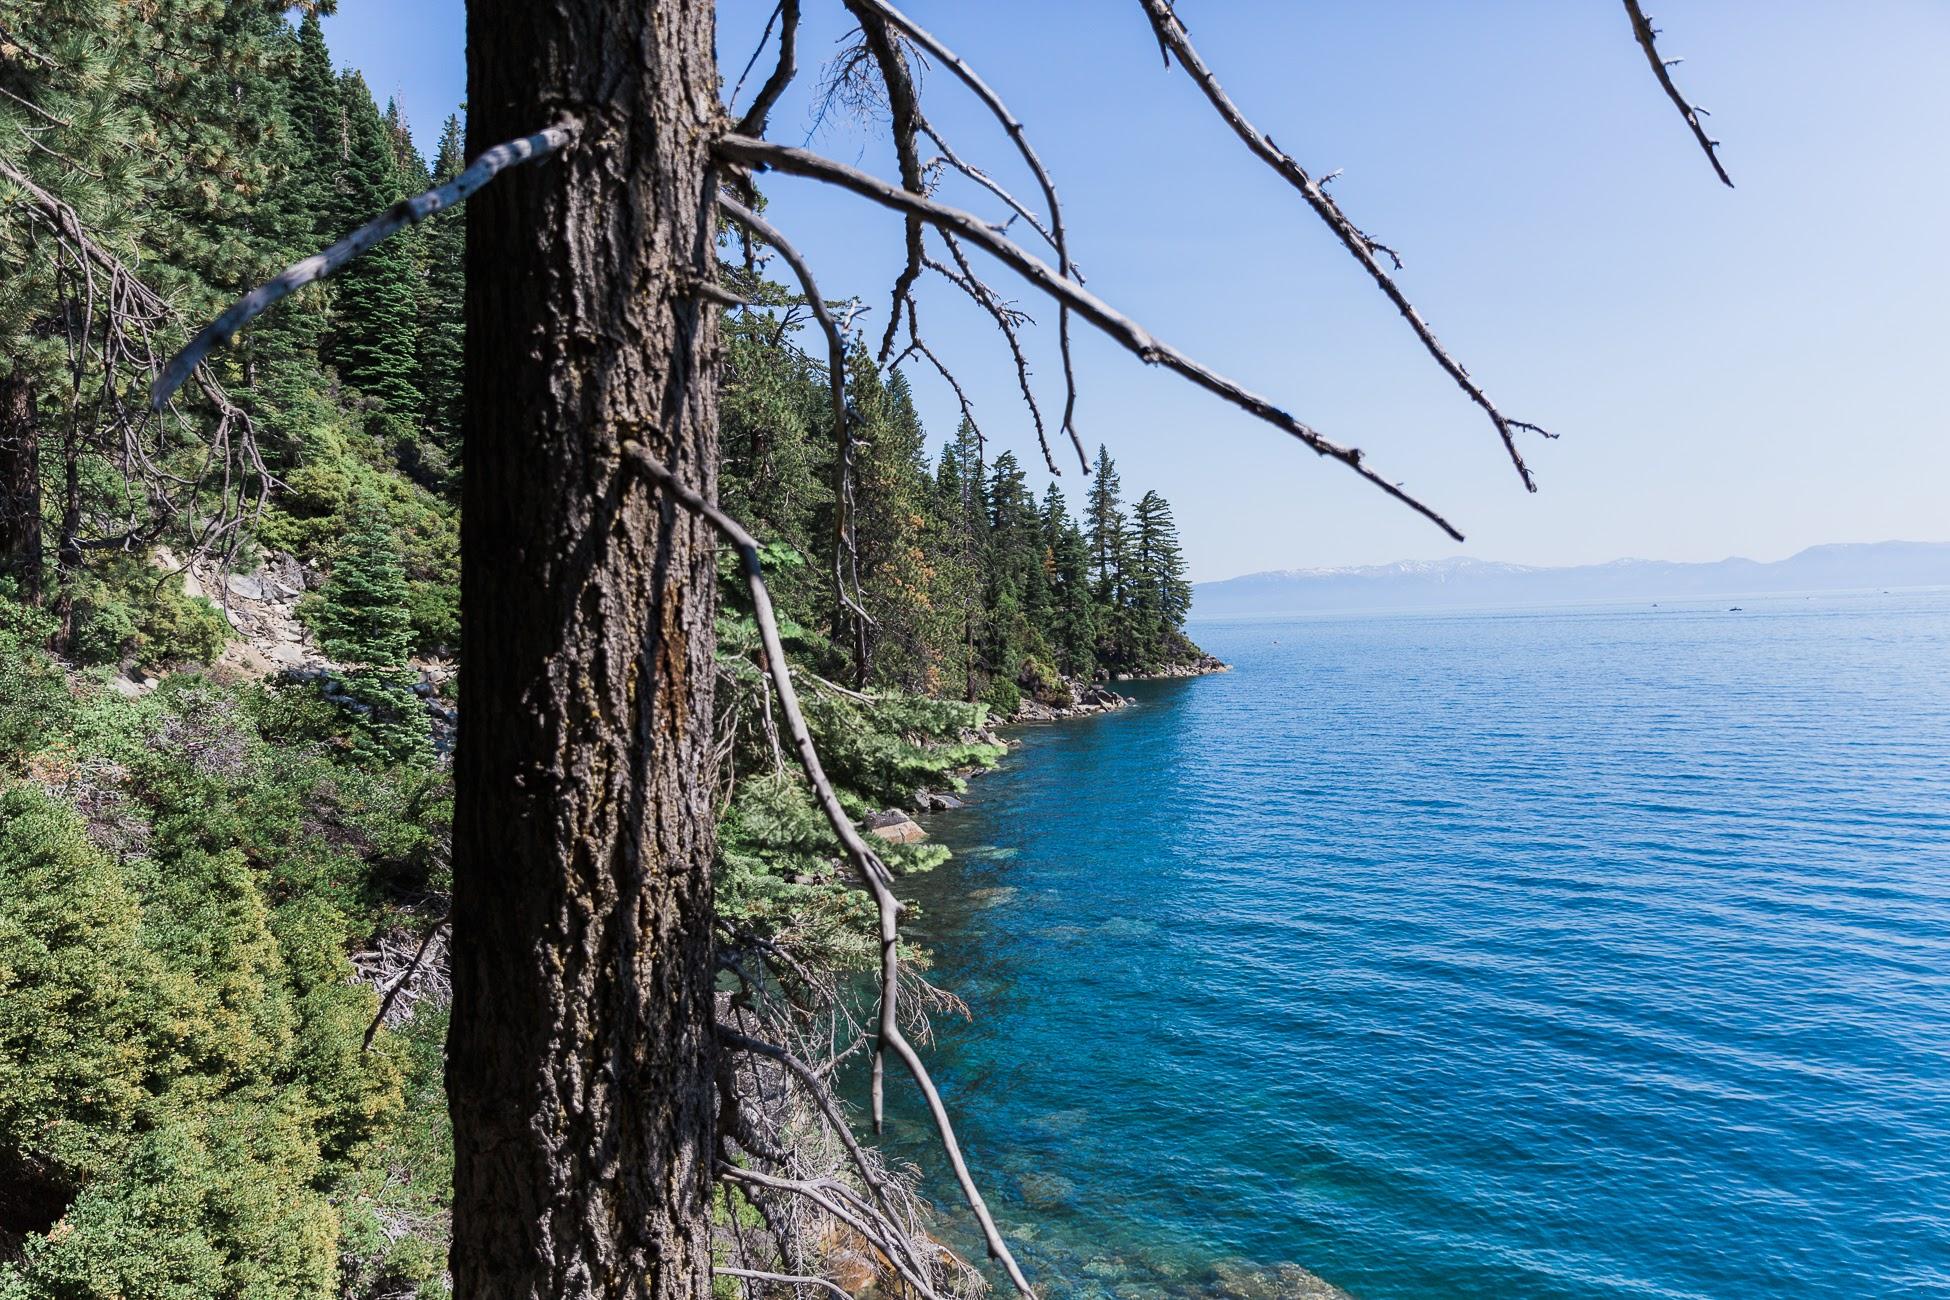 0114-Tahoe-TrailMavens-07012017-Final.jpg